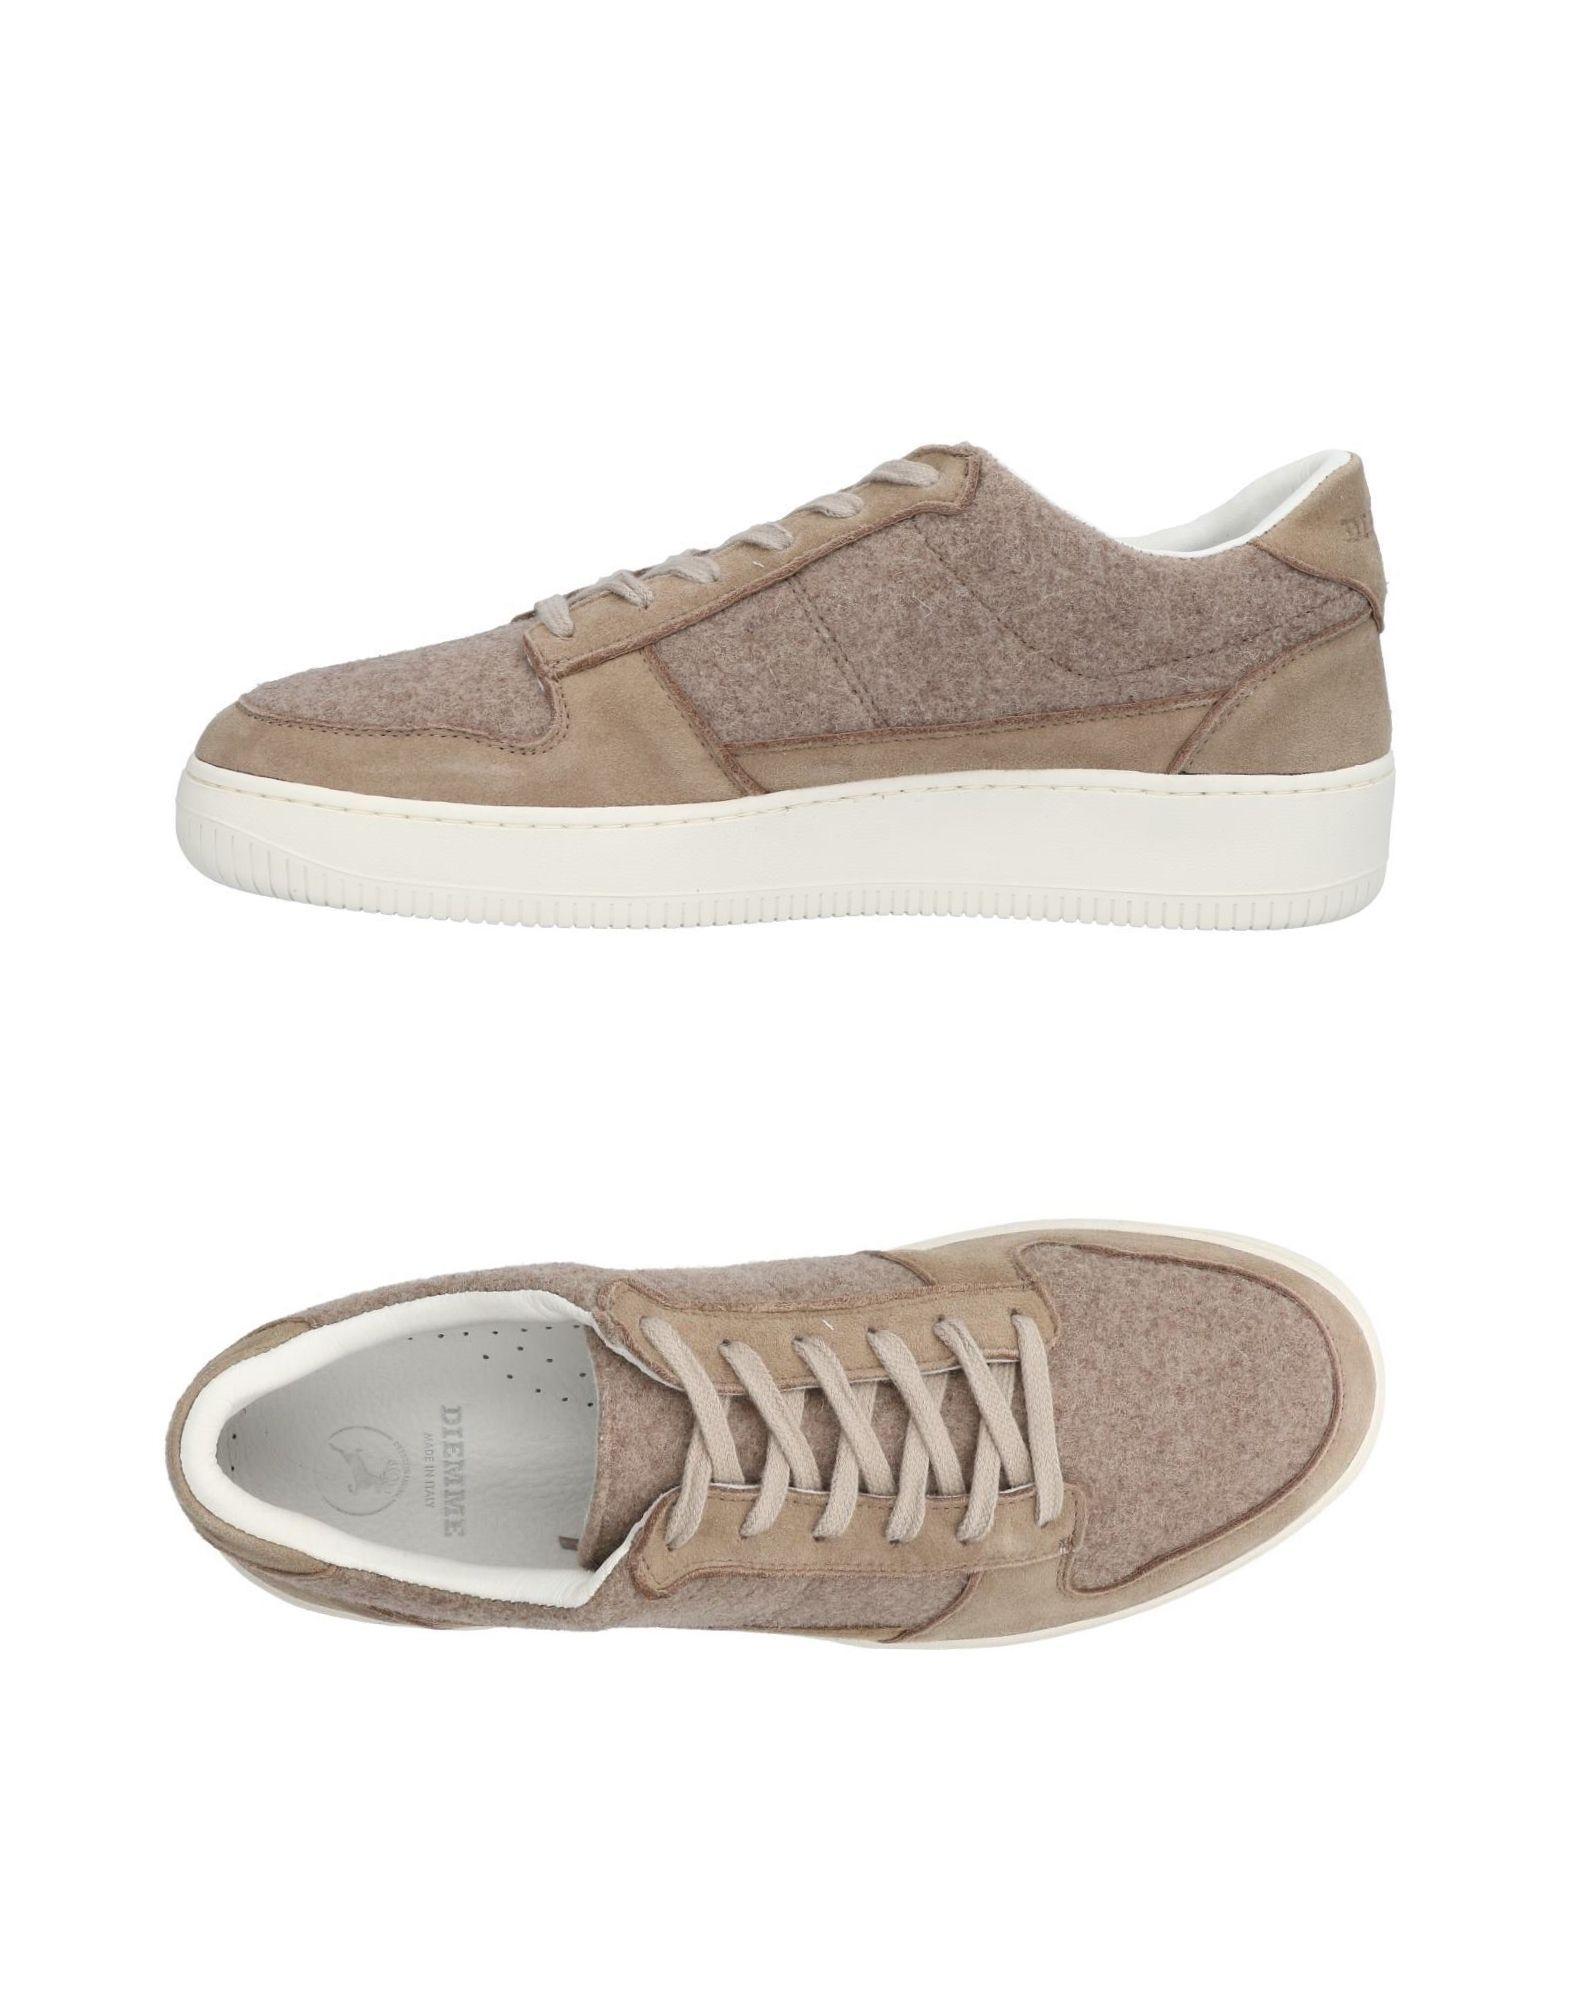 Moda Sneakers Sneakers Moda Diemme Uomo - 11418879FX 2b764d